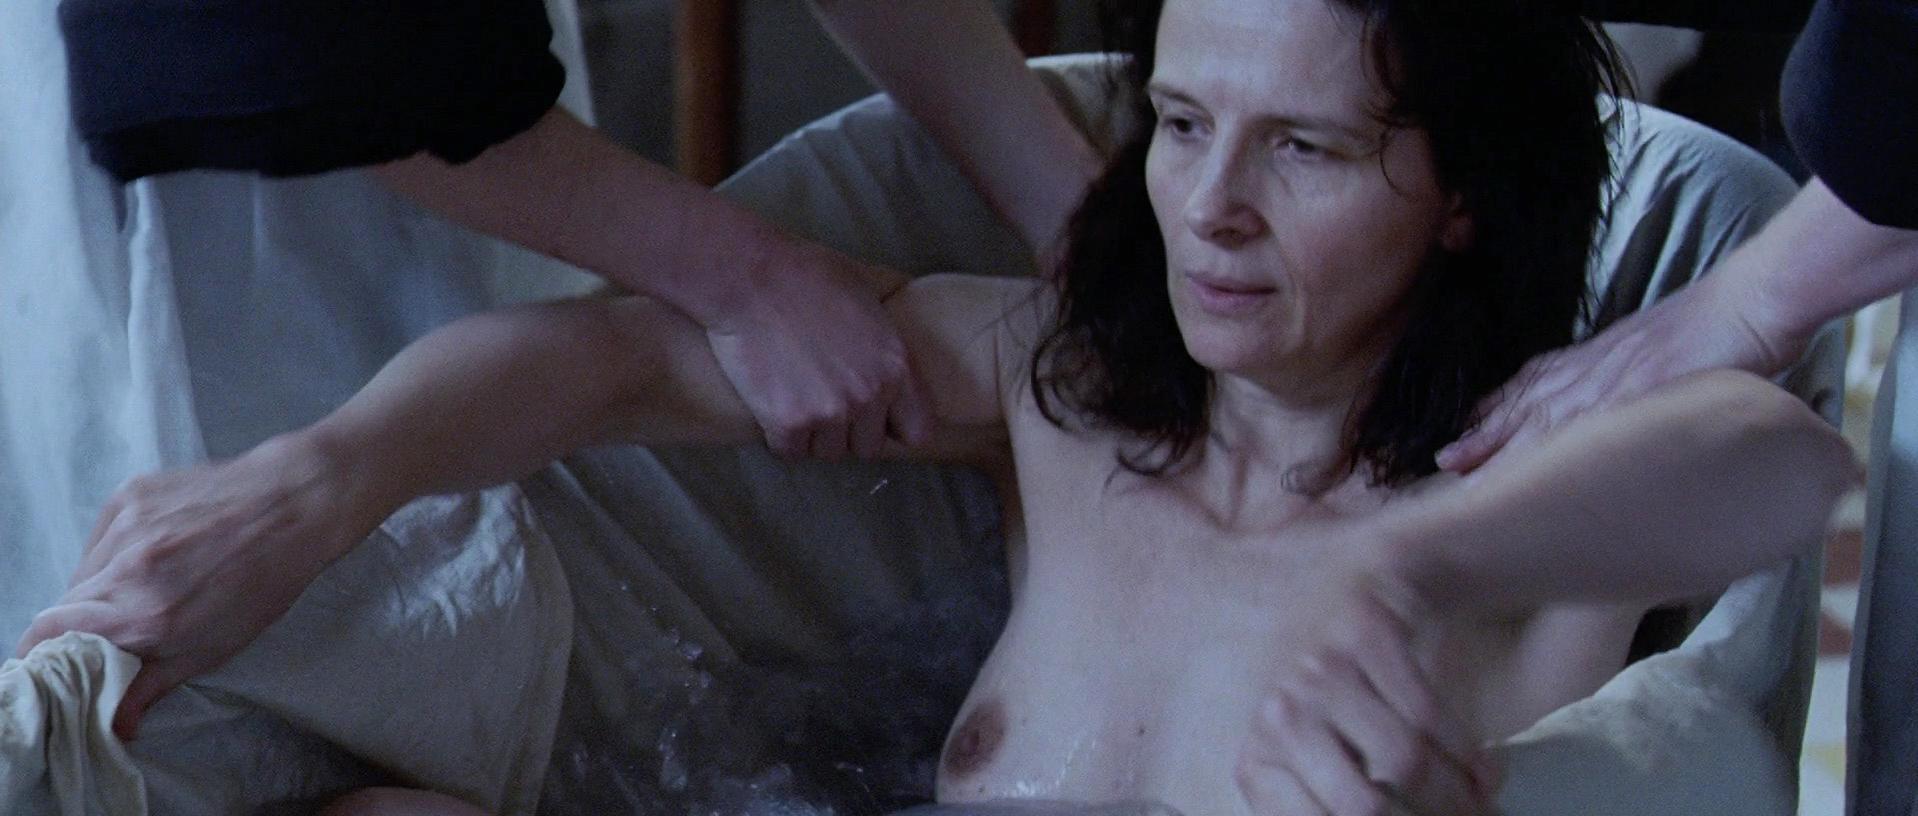 juliette binoche nude photos